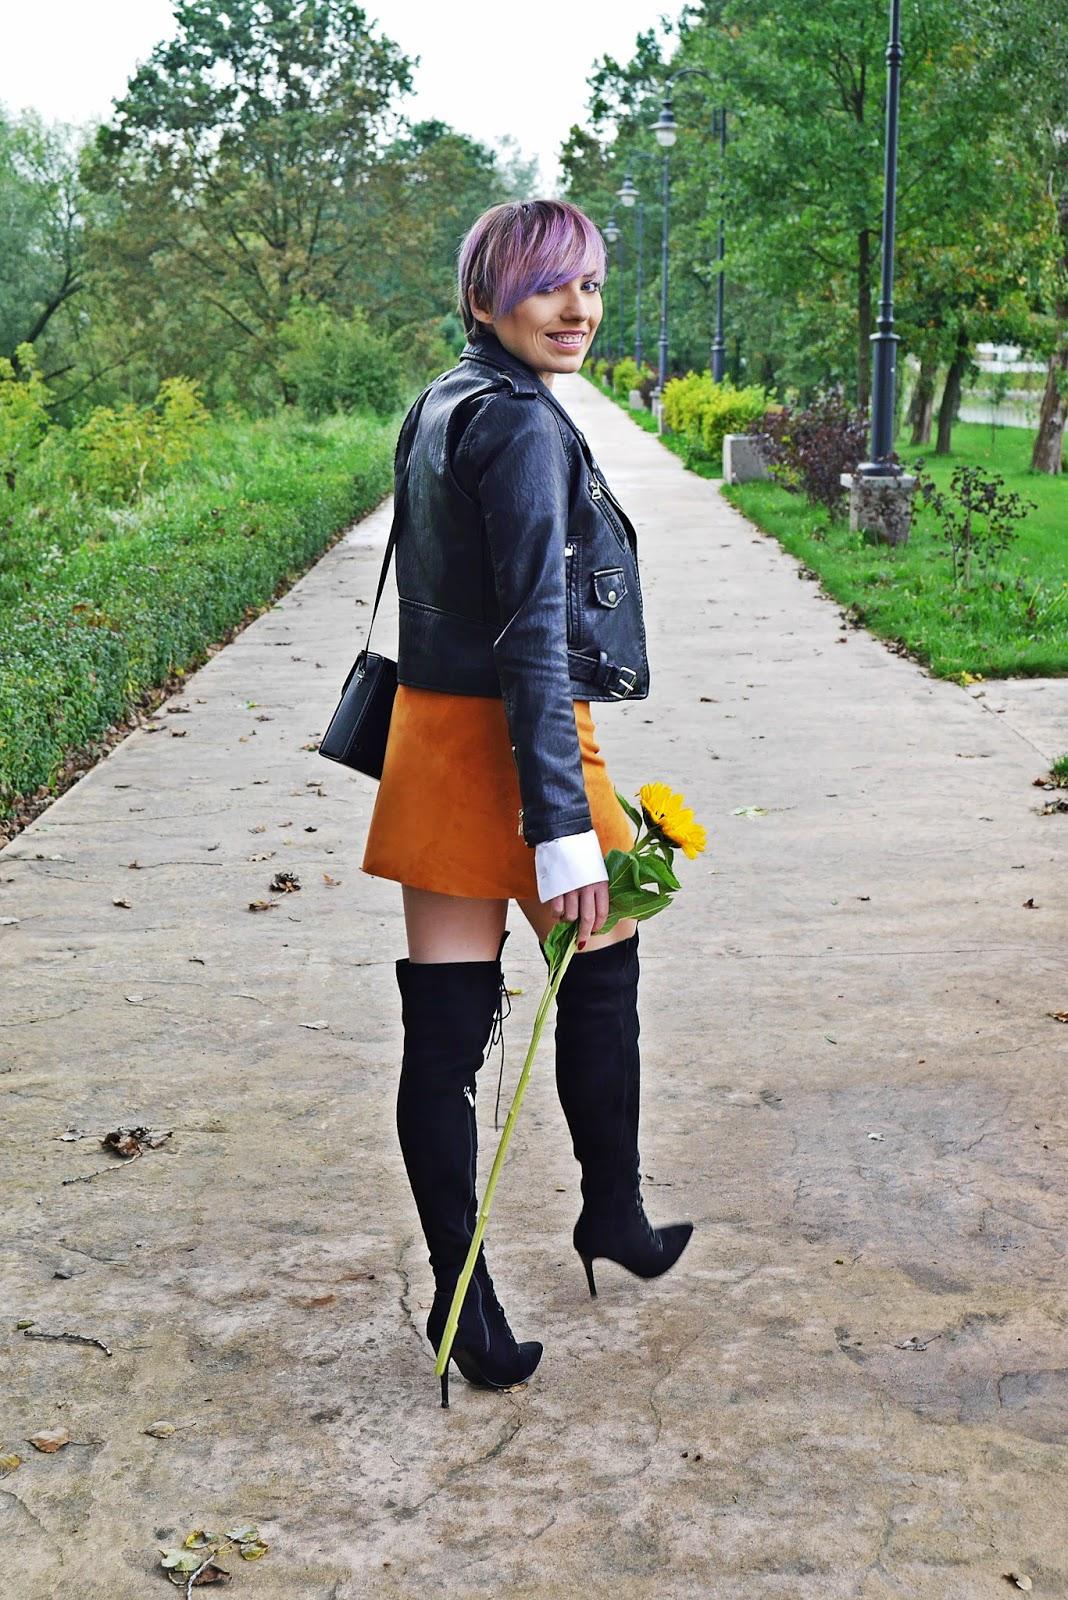 13_renee_buty_kozaki_za_kolano_czarne_karyn_blog_modowy_260917a